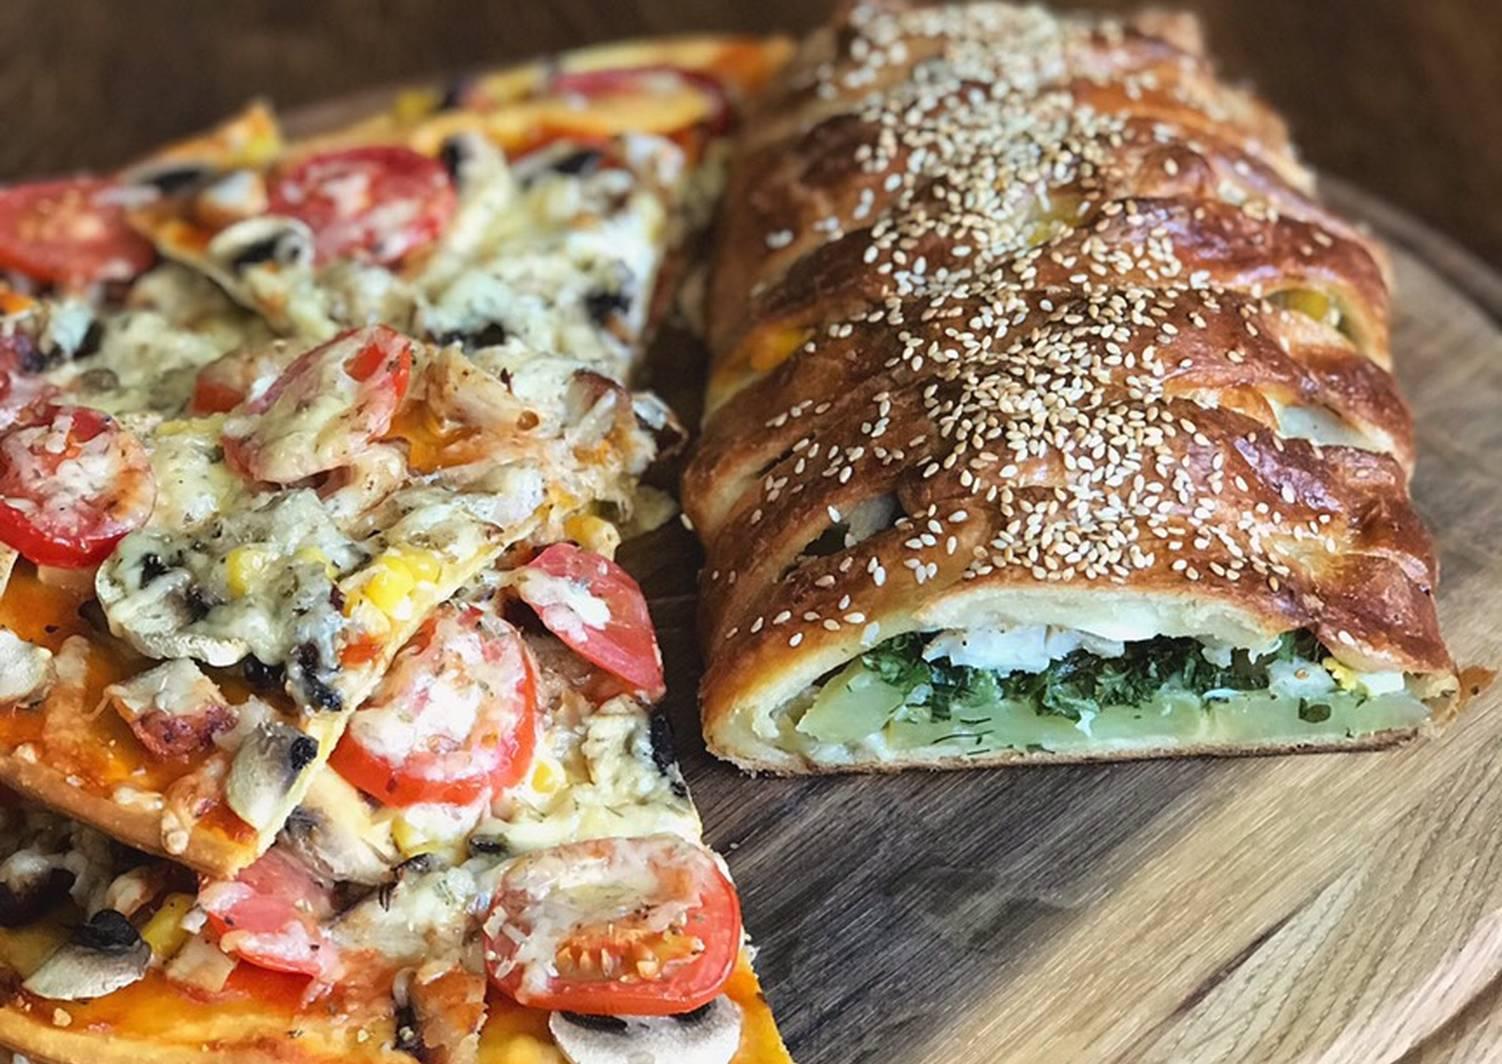 ярмарки можно пицца на пиве рецепты с фото время посвящает серьезному